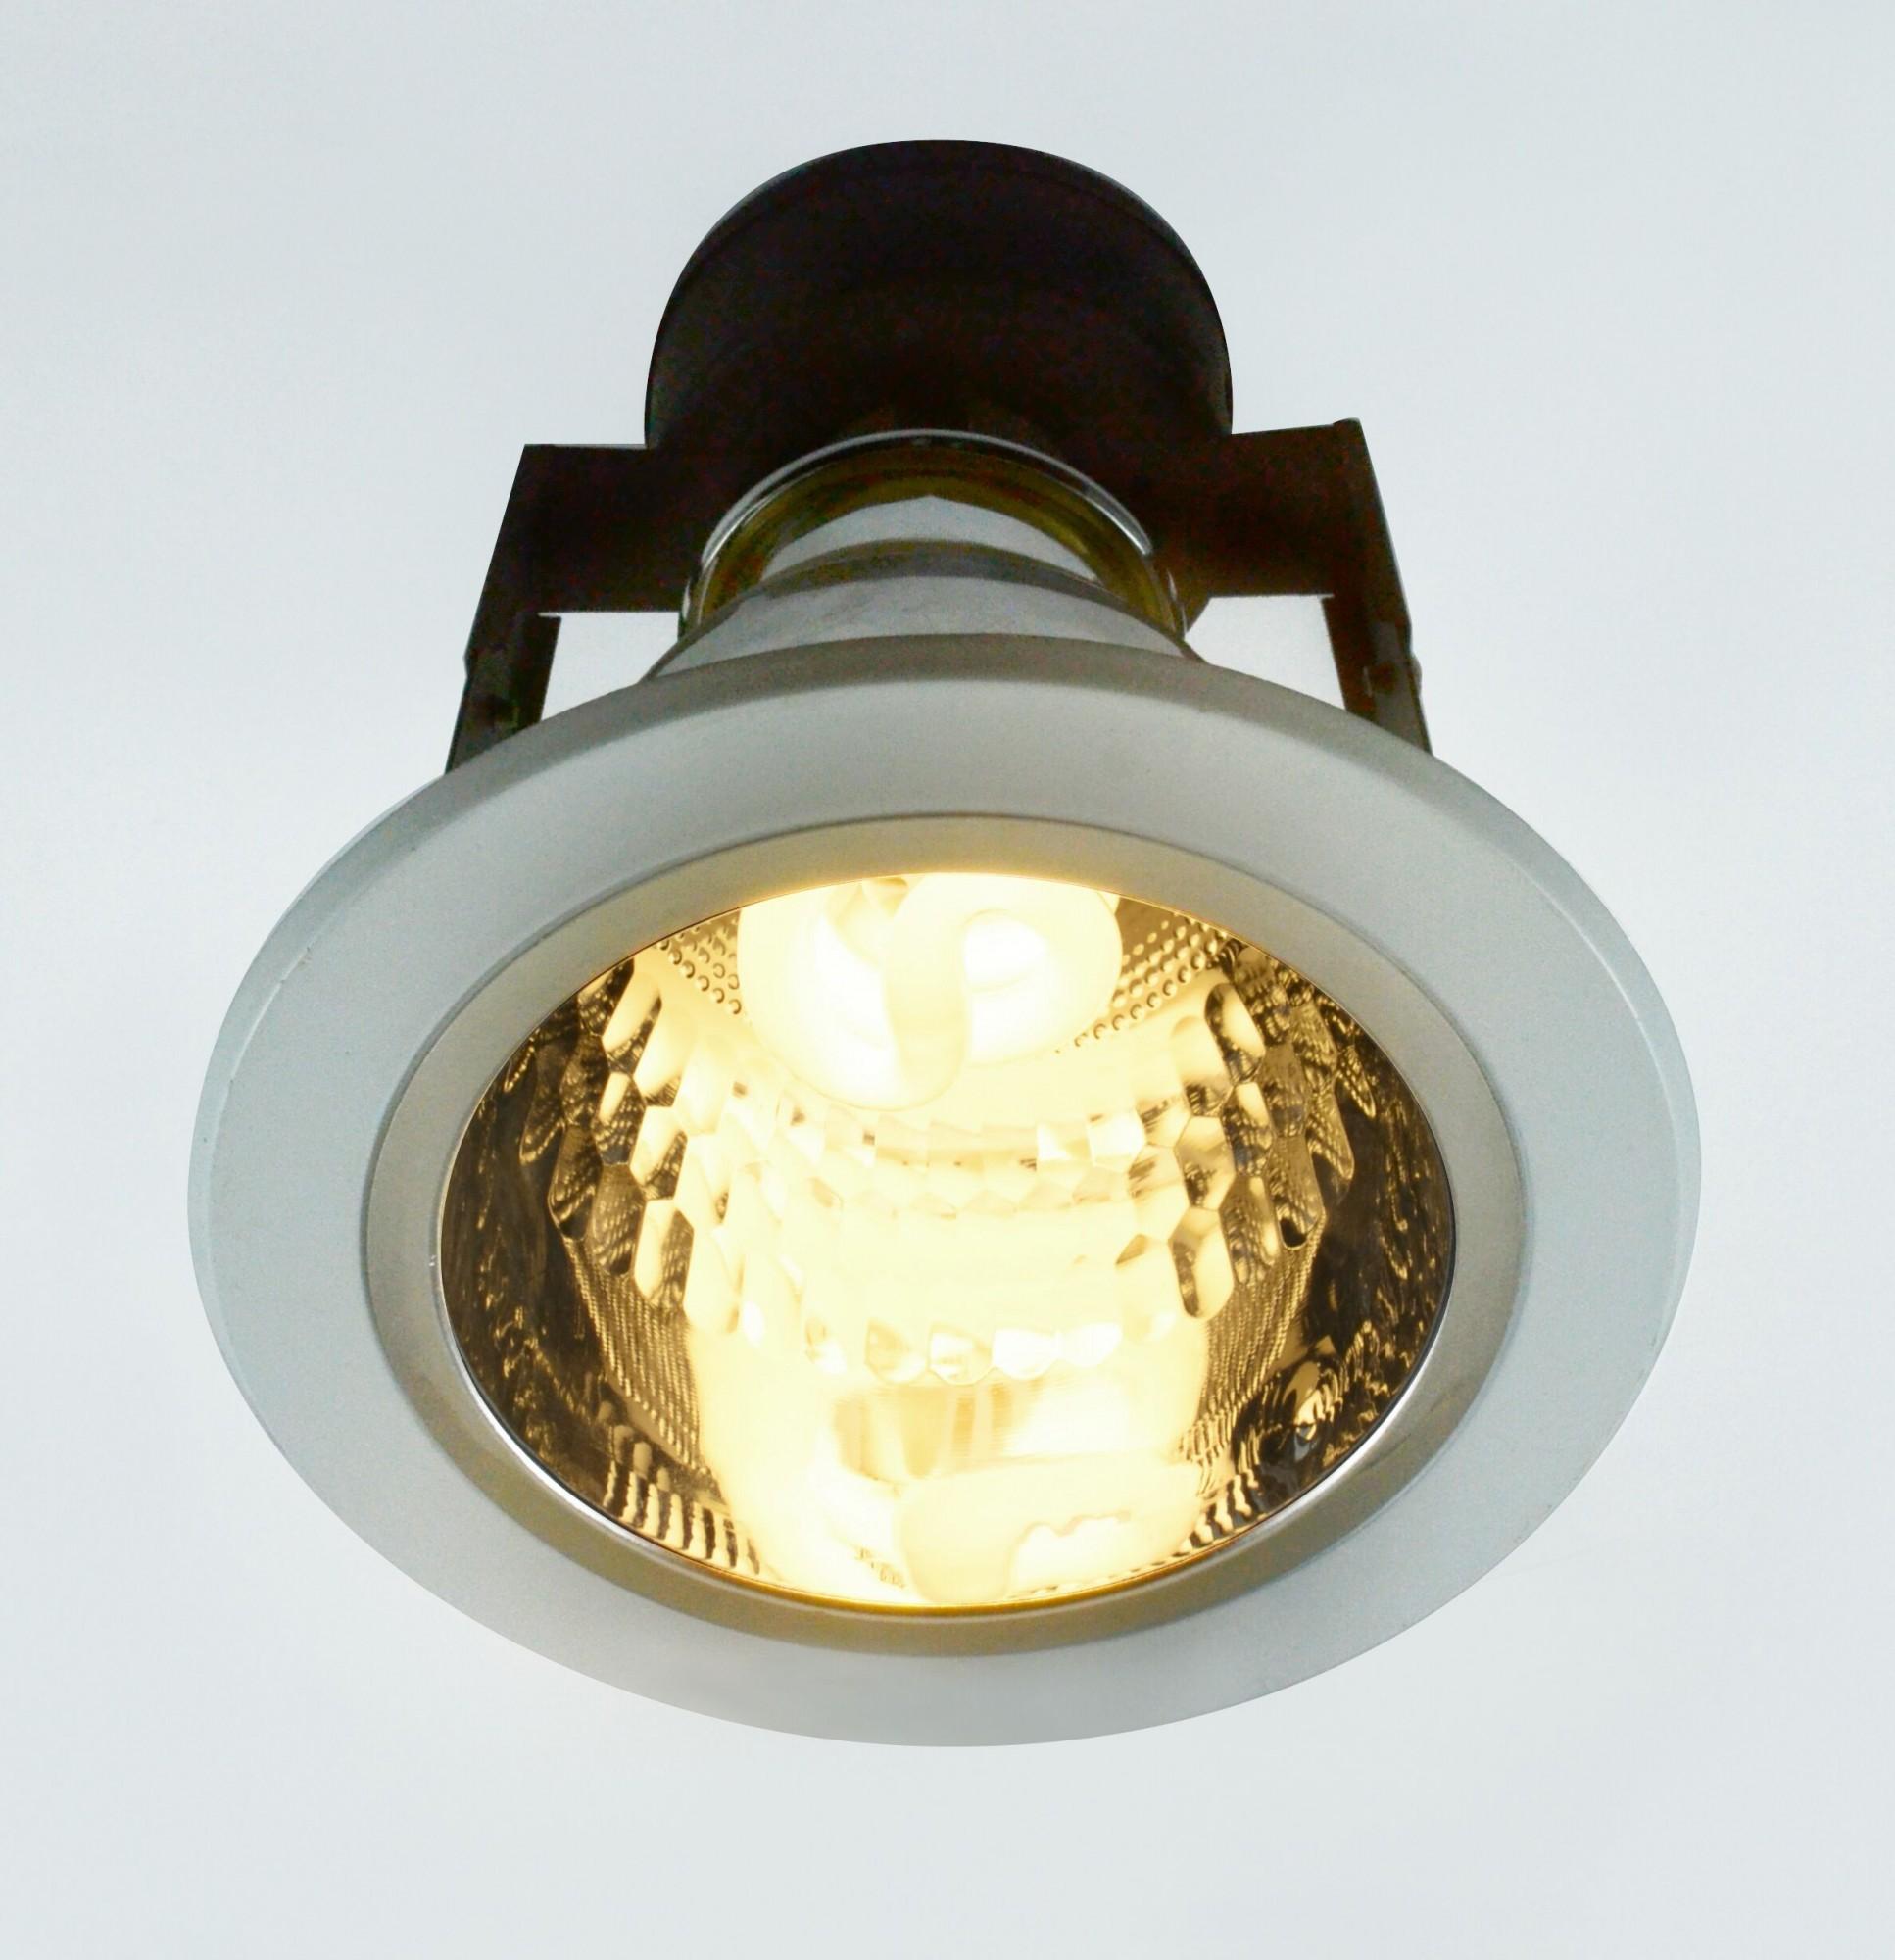 Фото товара A8044PL-1WH Arte Lamp